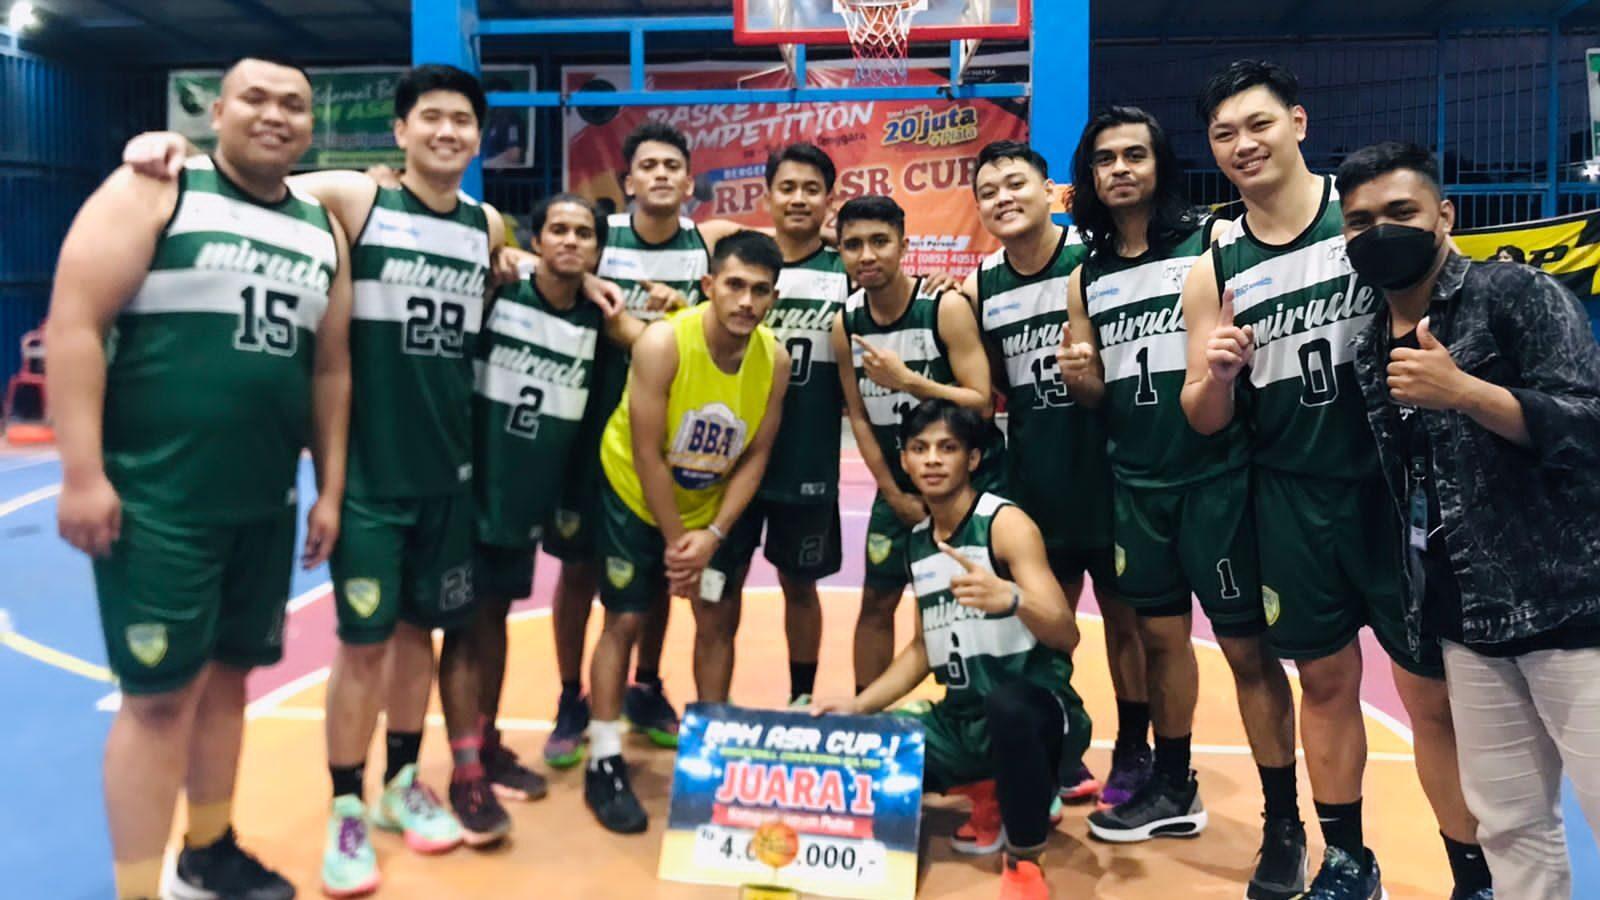 Taklukan Tuan Rumah, Tim Basket Baubau Juara 1 Tingkat Sultra